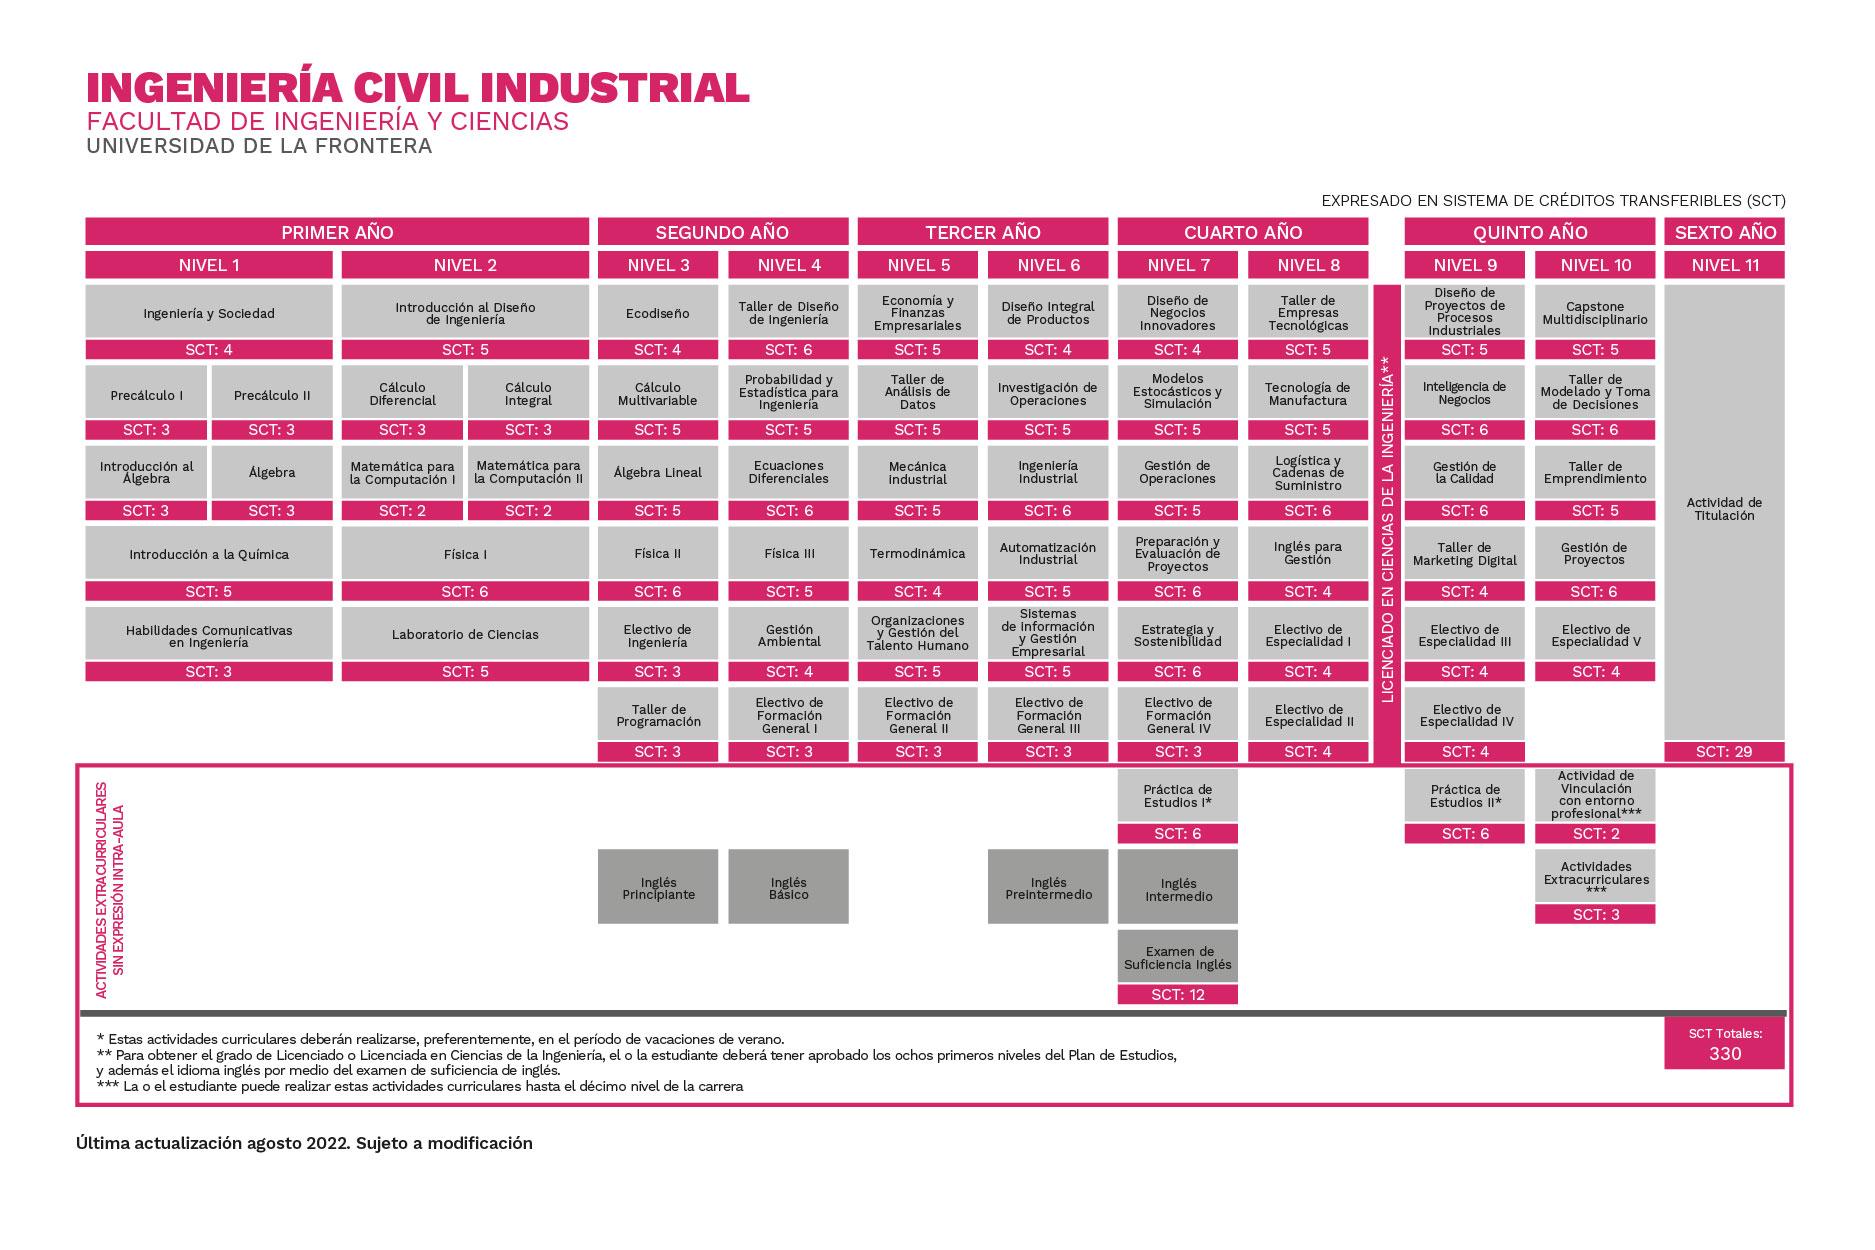 Ingeniería Civil Industrial Universidad de La Frontera